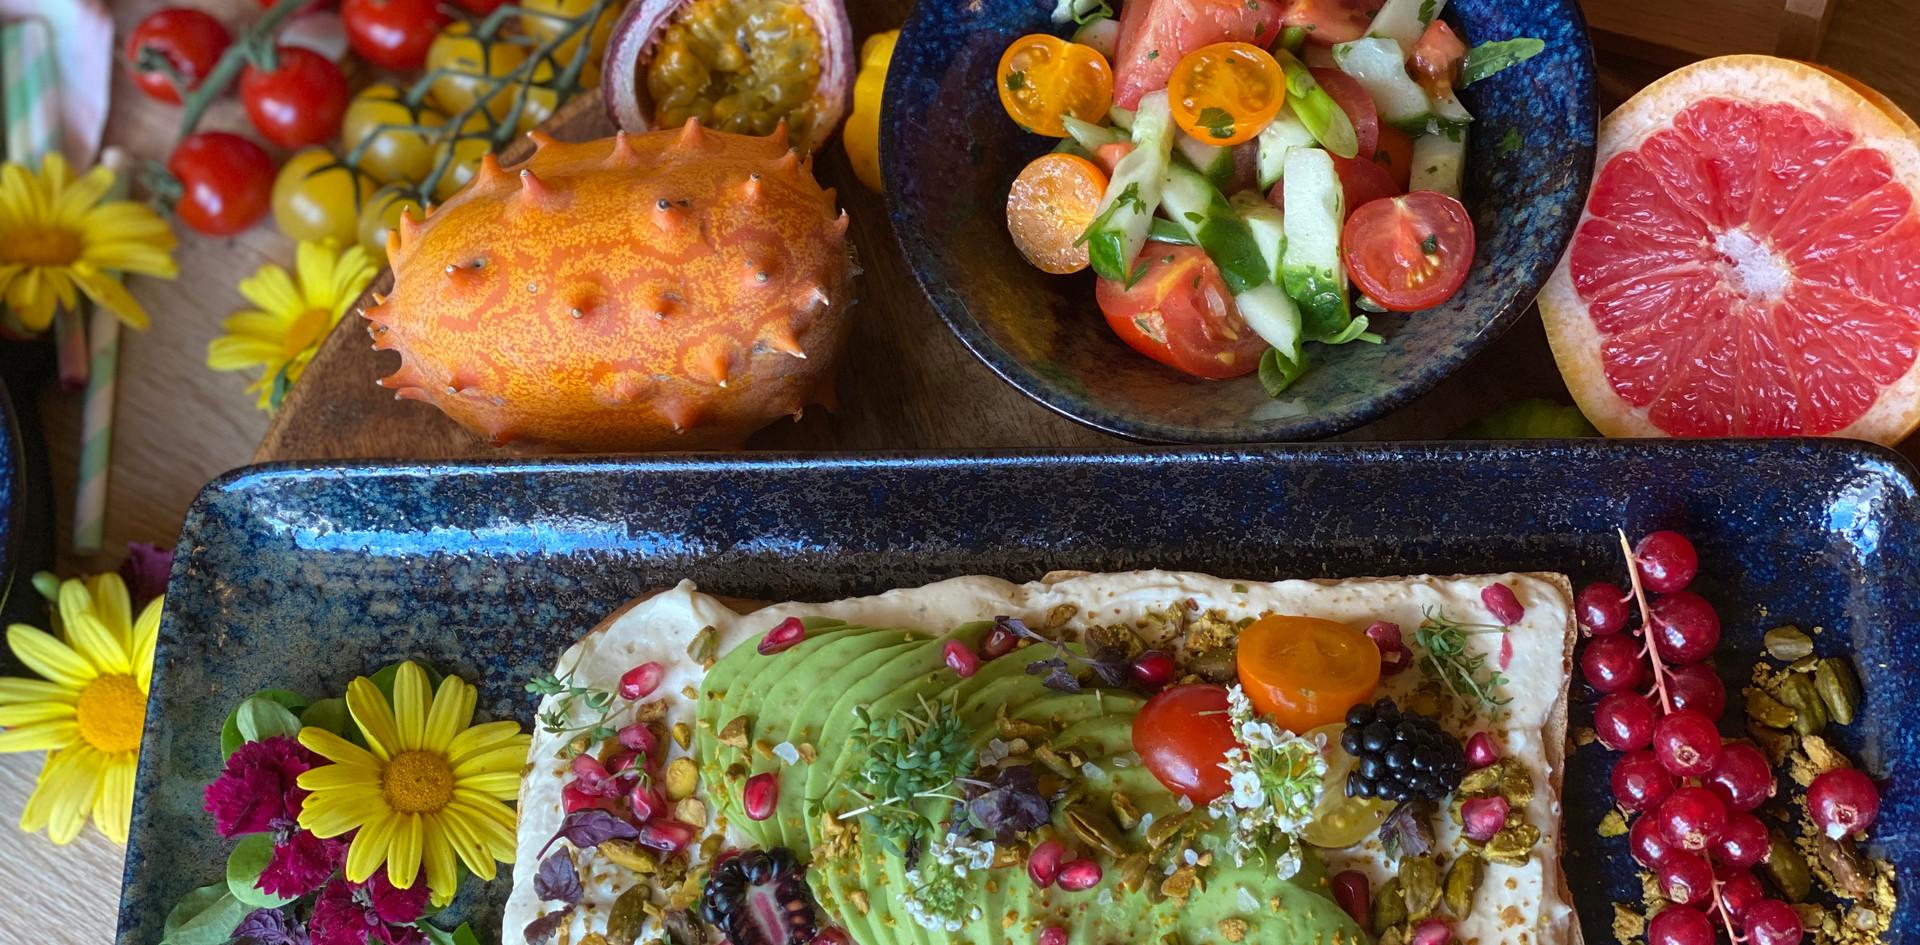 Ziegenkäse-Avocado Stulle Frühstücks-Manufaktur - Hotel Wegner - The culinary Art Hotel